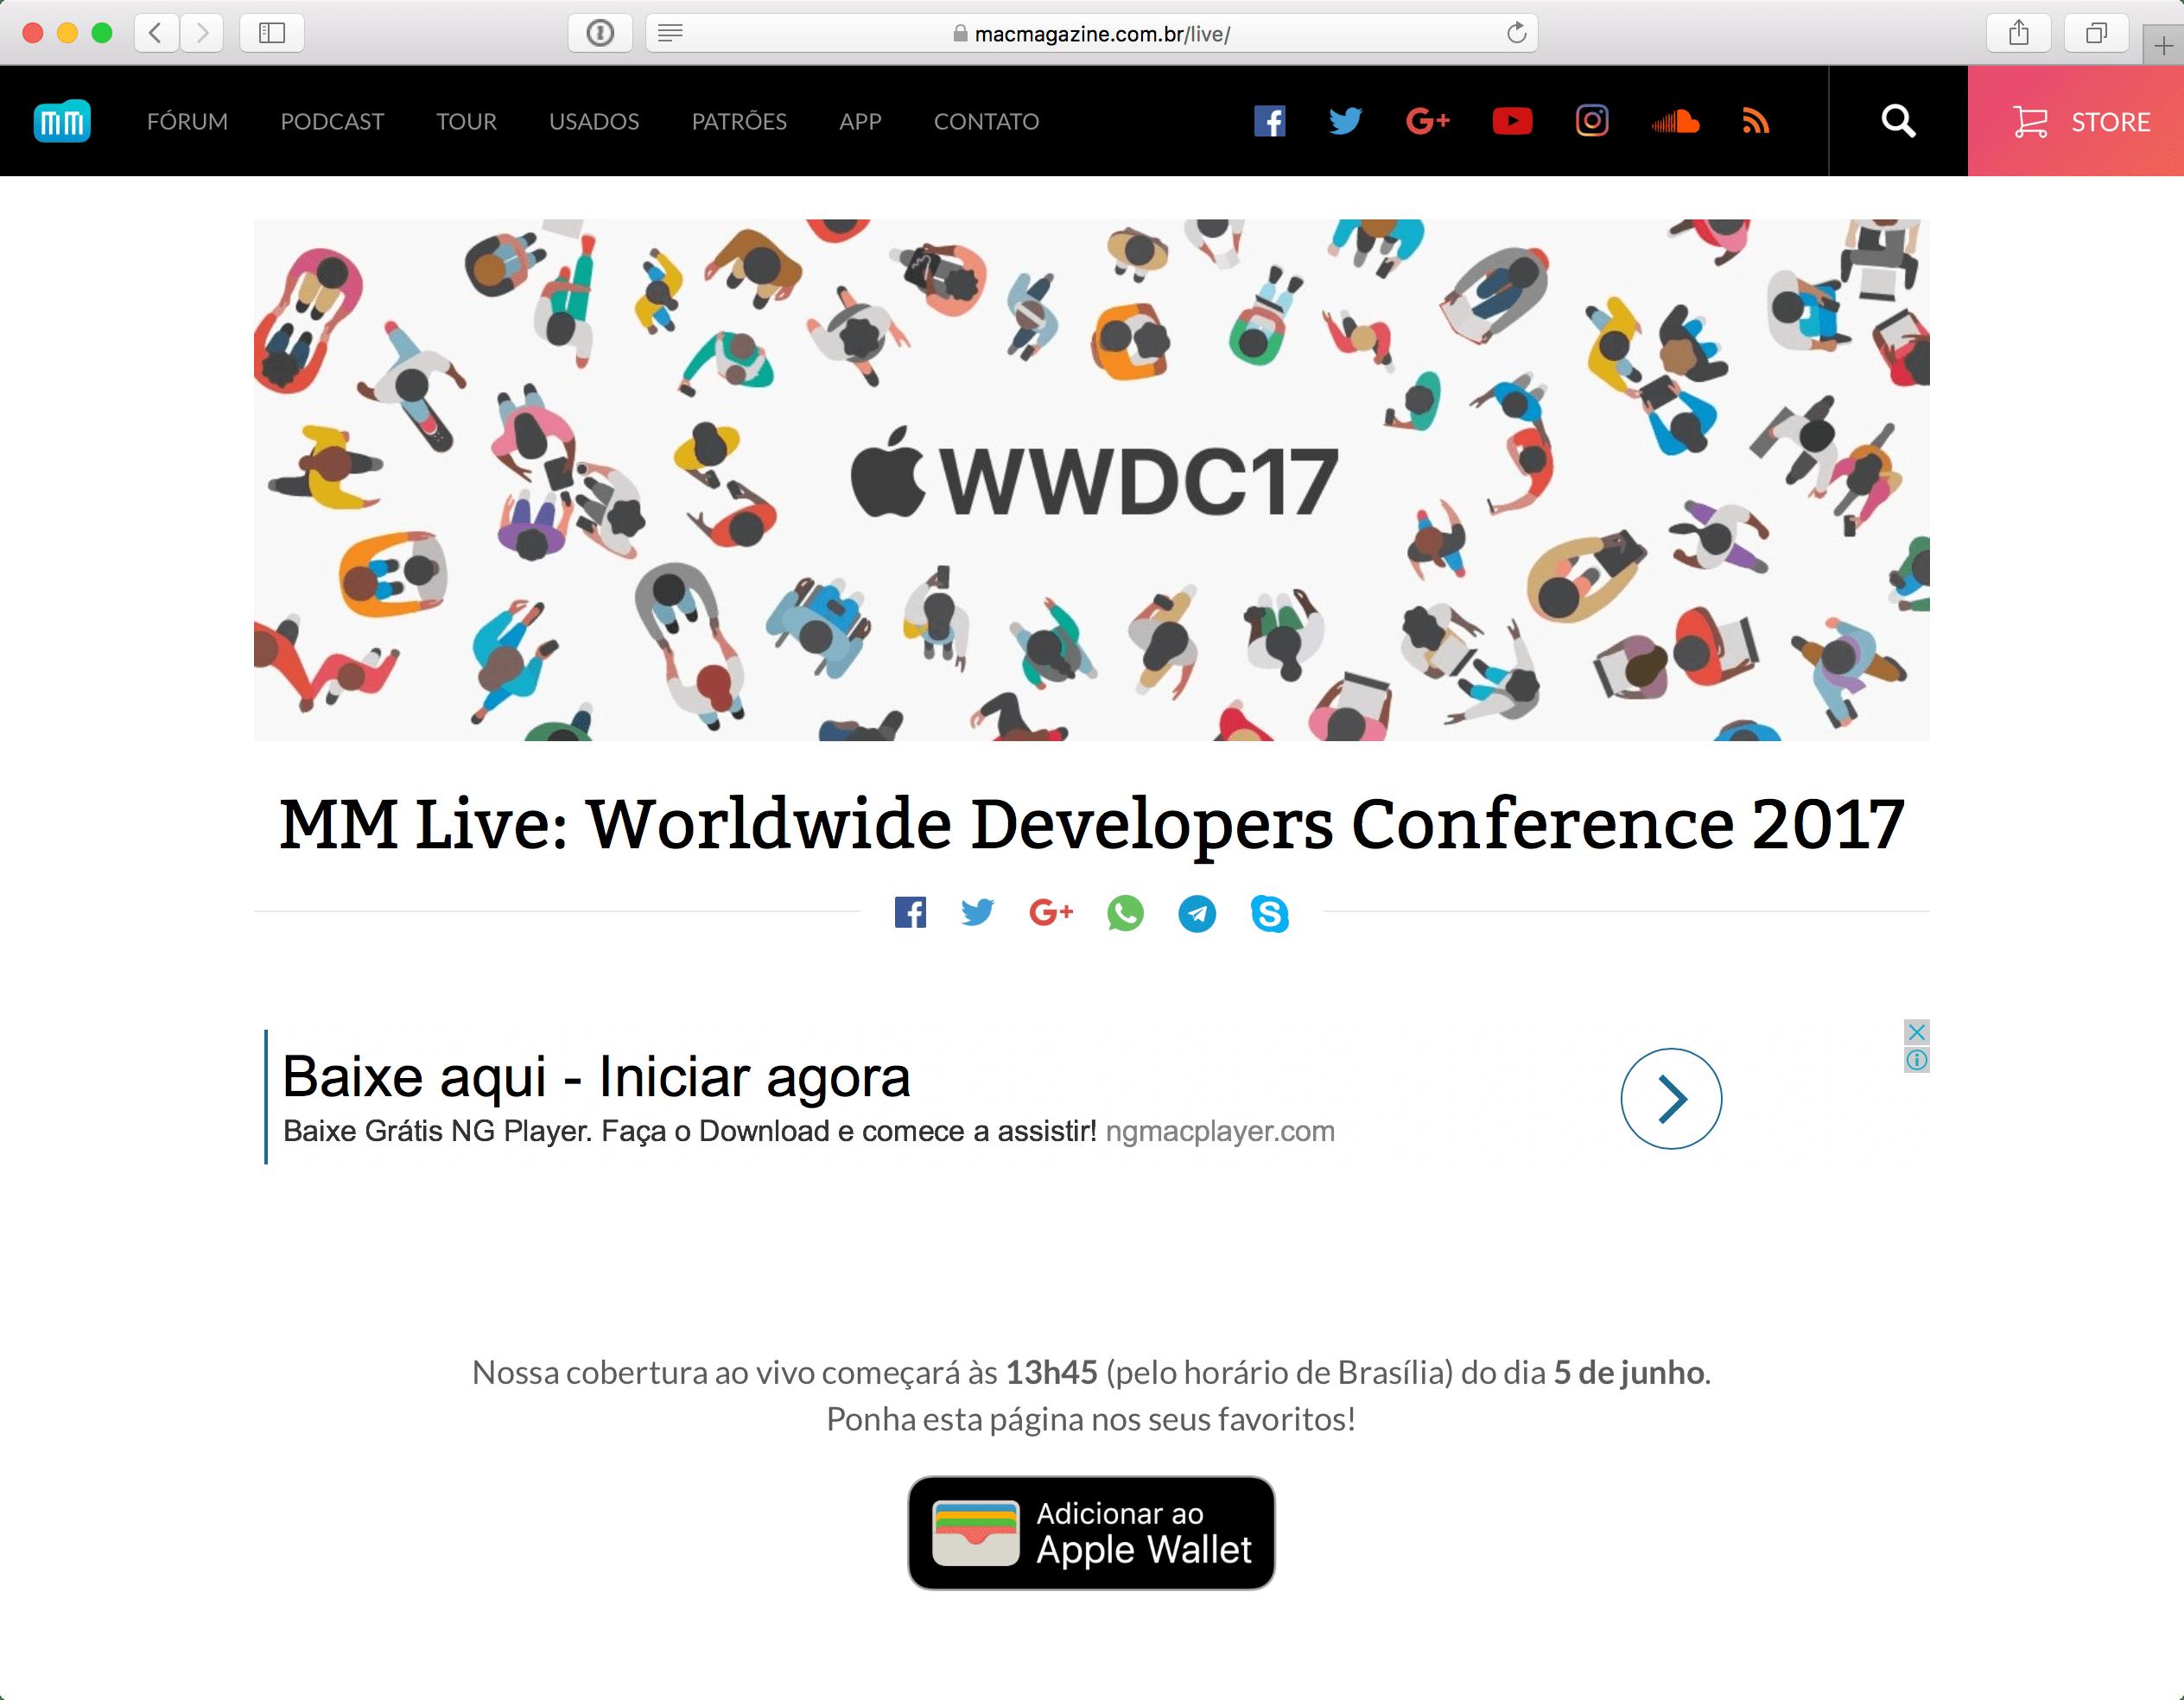 MM Live da WWDC'17